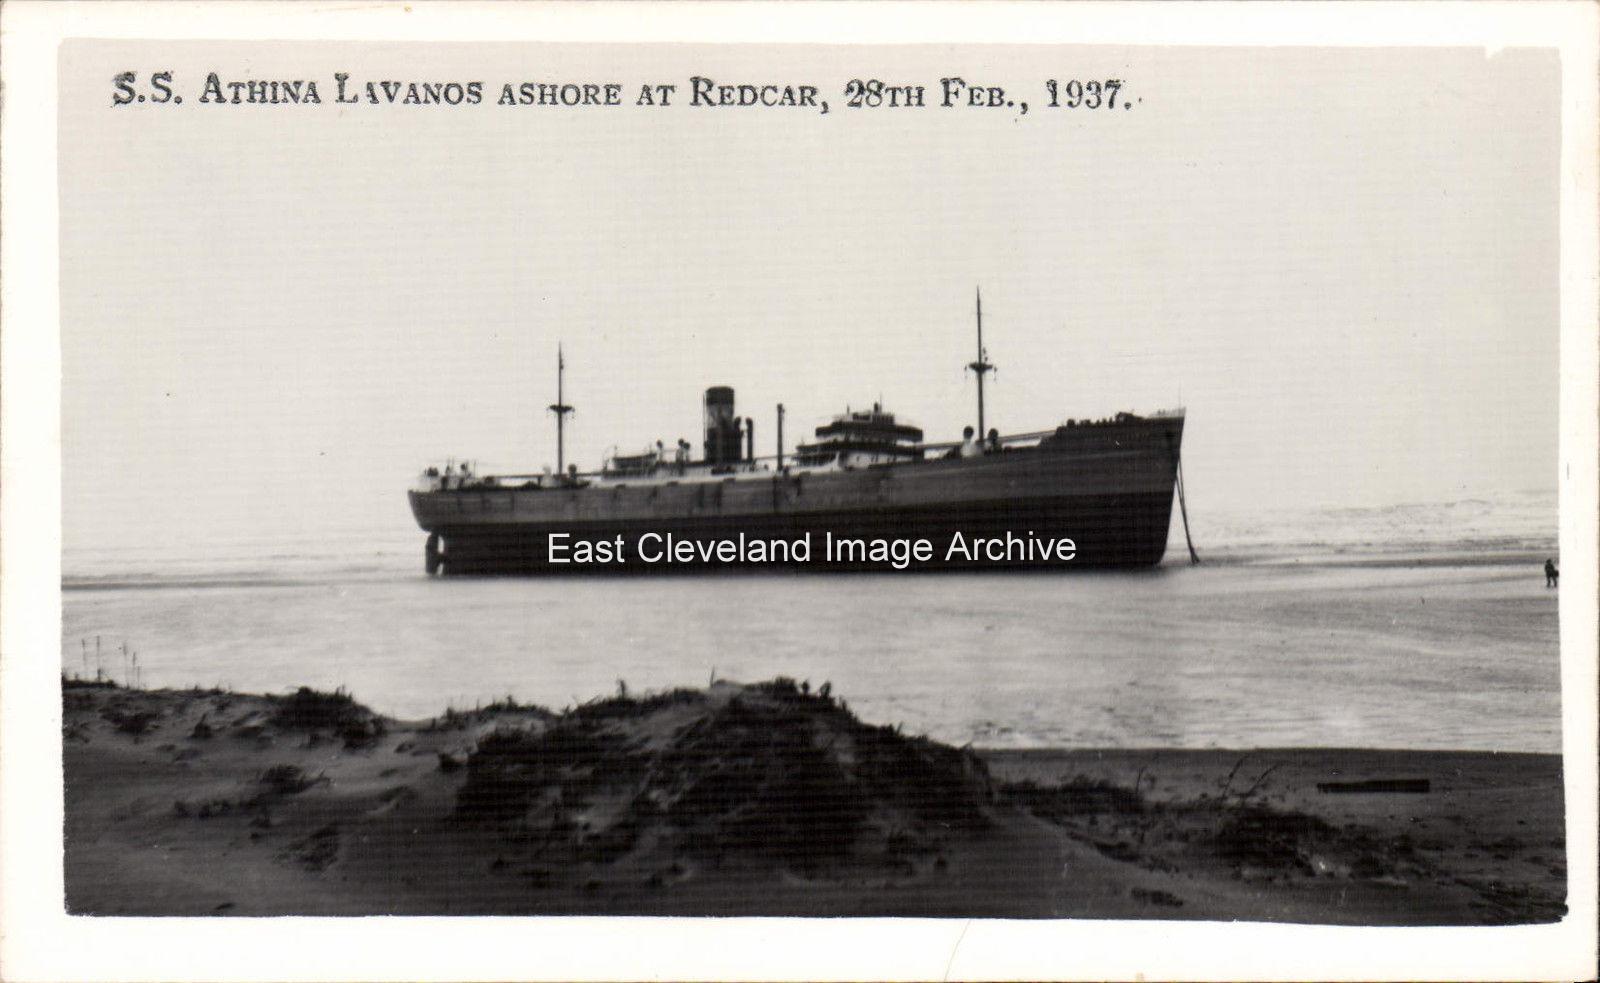 Athina Livanos 1937